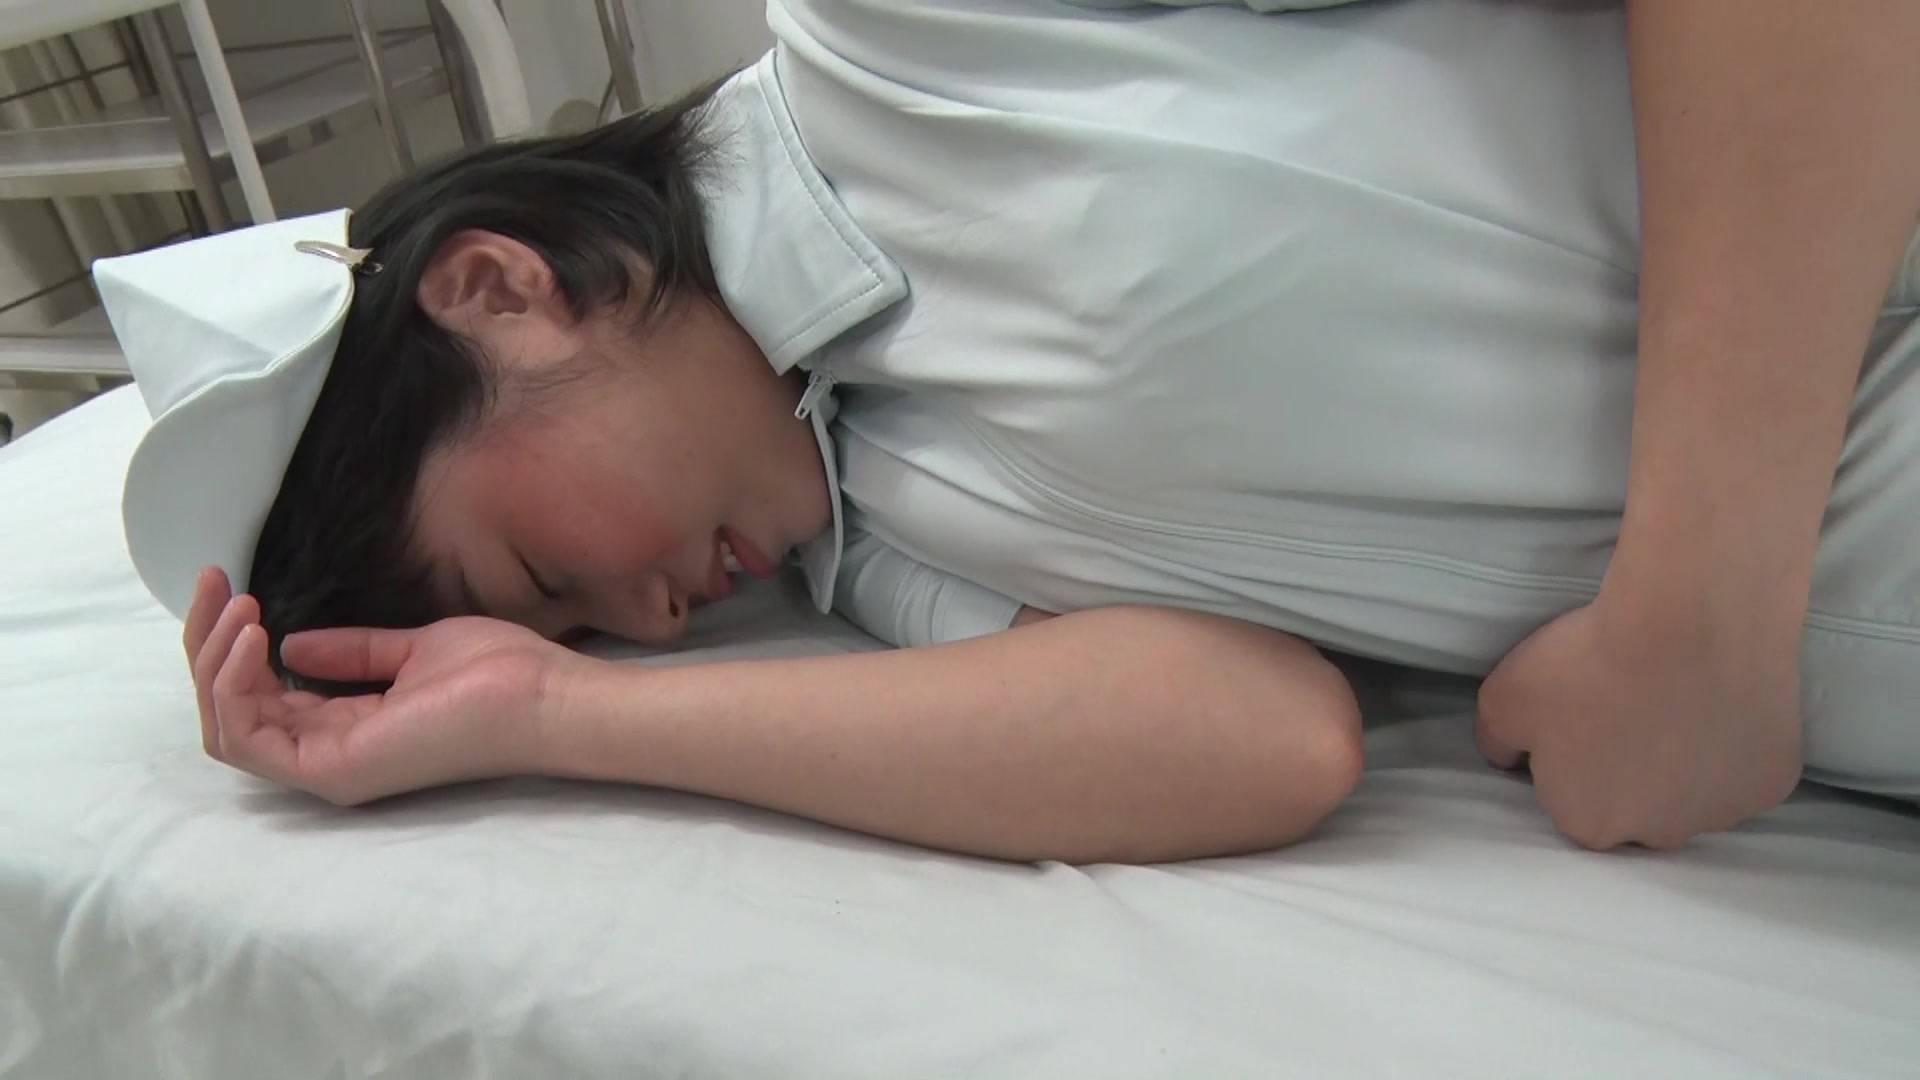 可愛い看護婦さんのお腹を殴ったら最後まで… 1/5 サンプル画像11